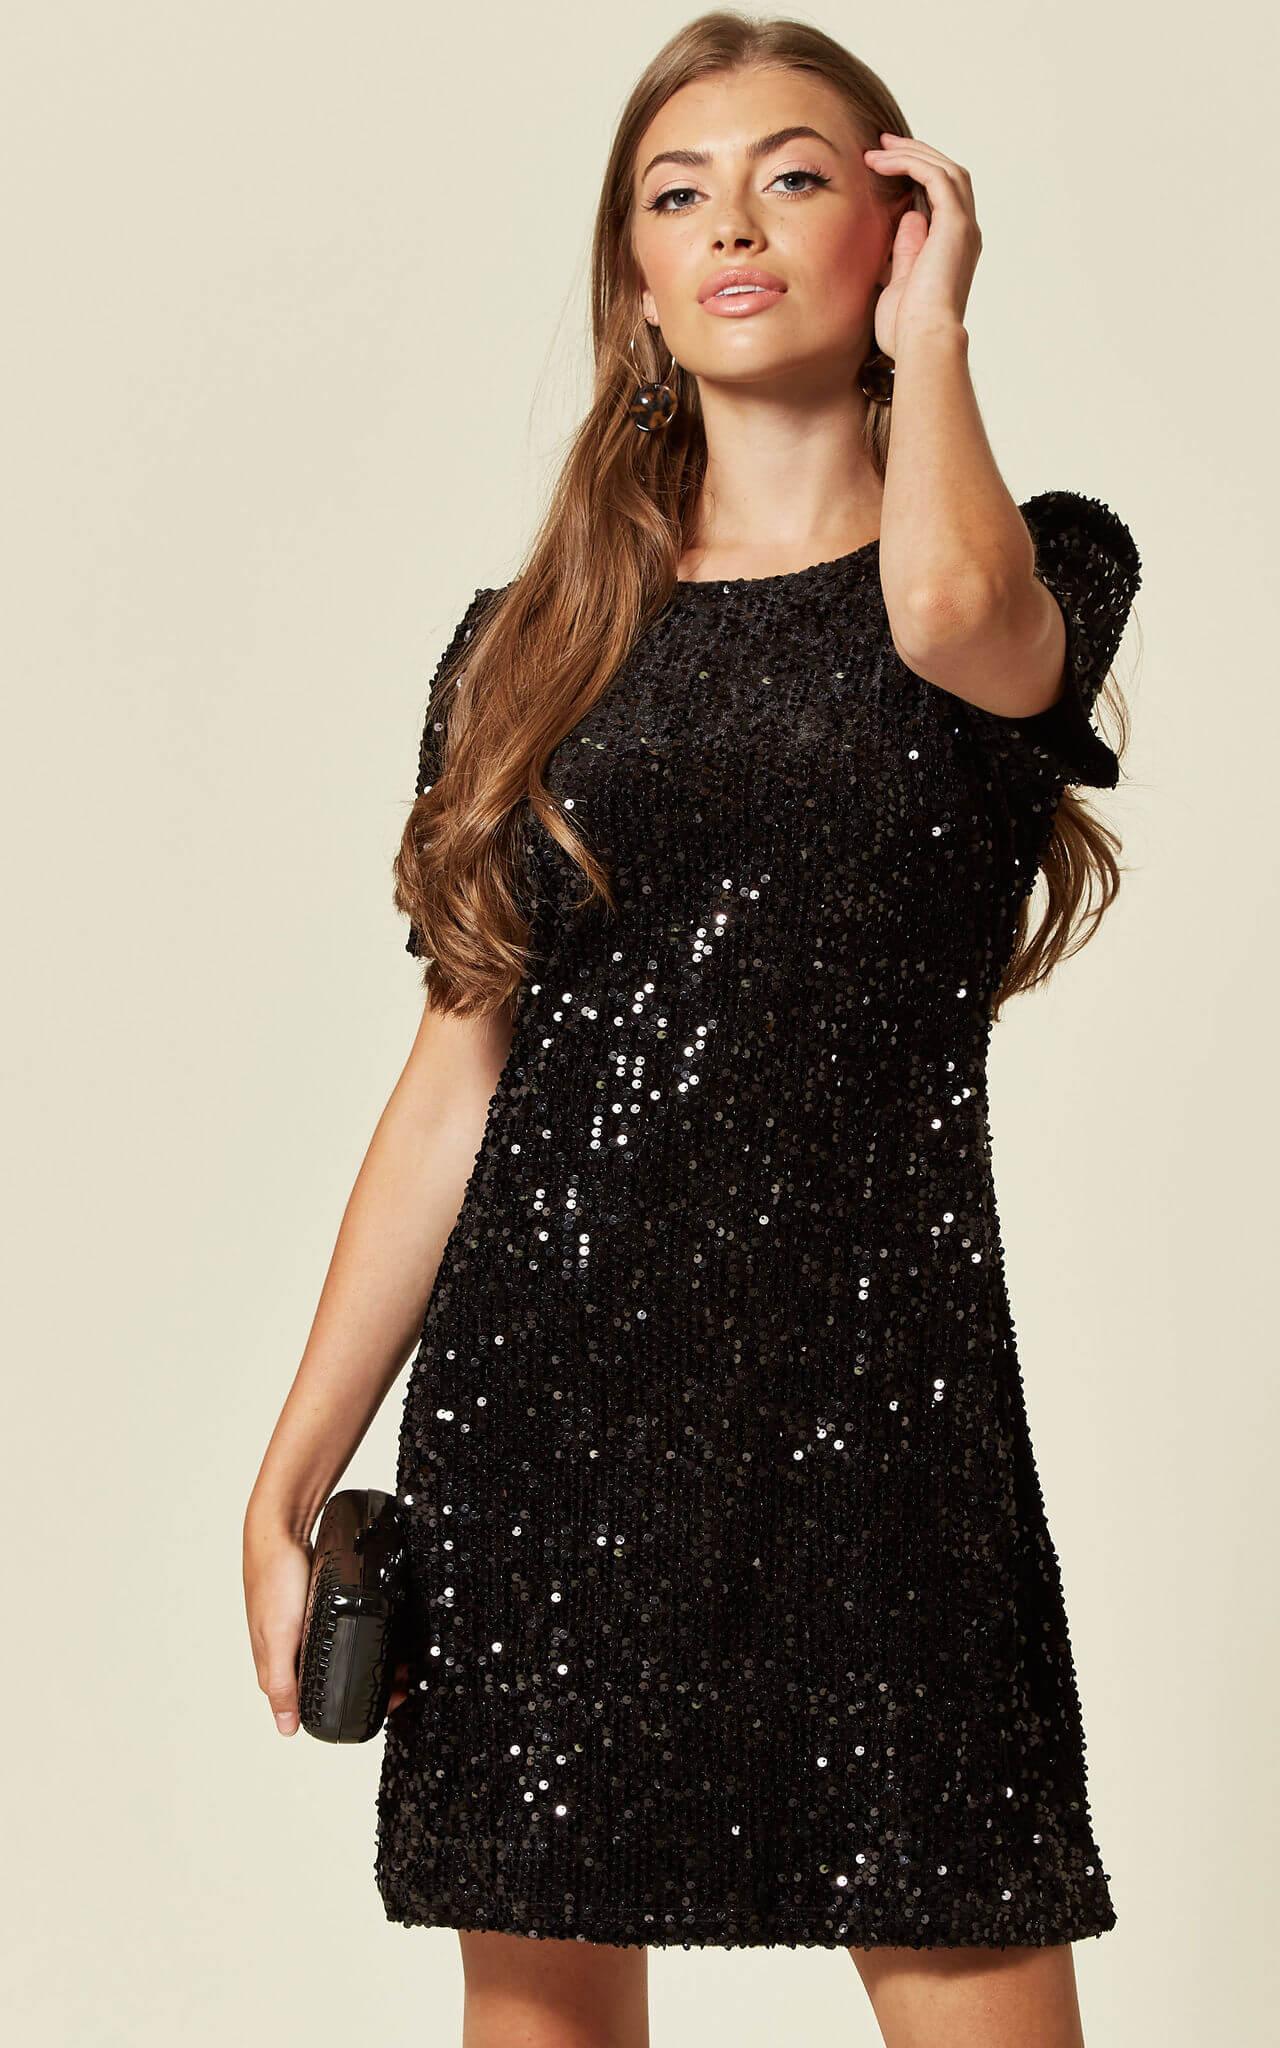 Model wears a sequin mini black dress